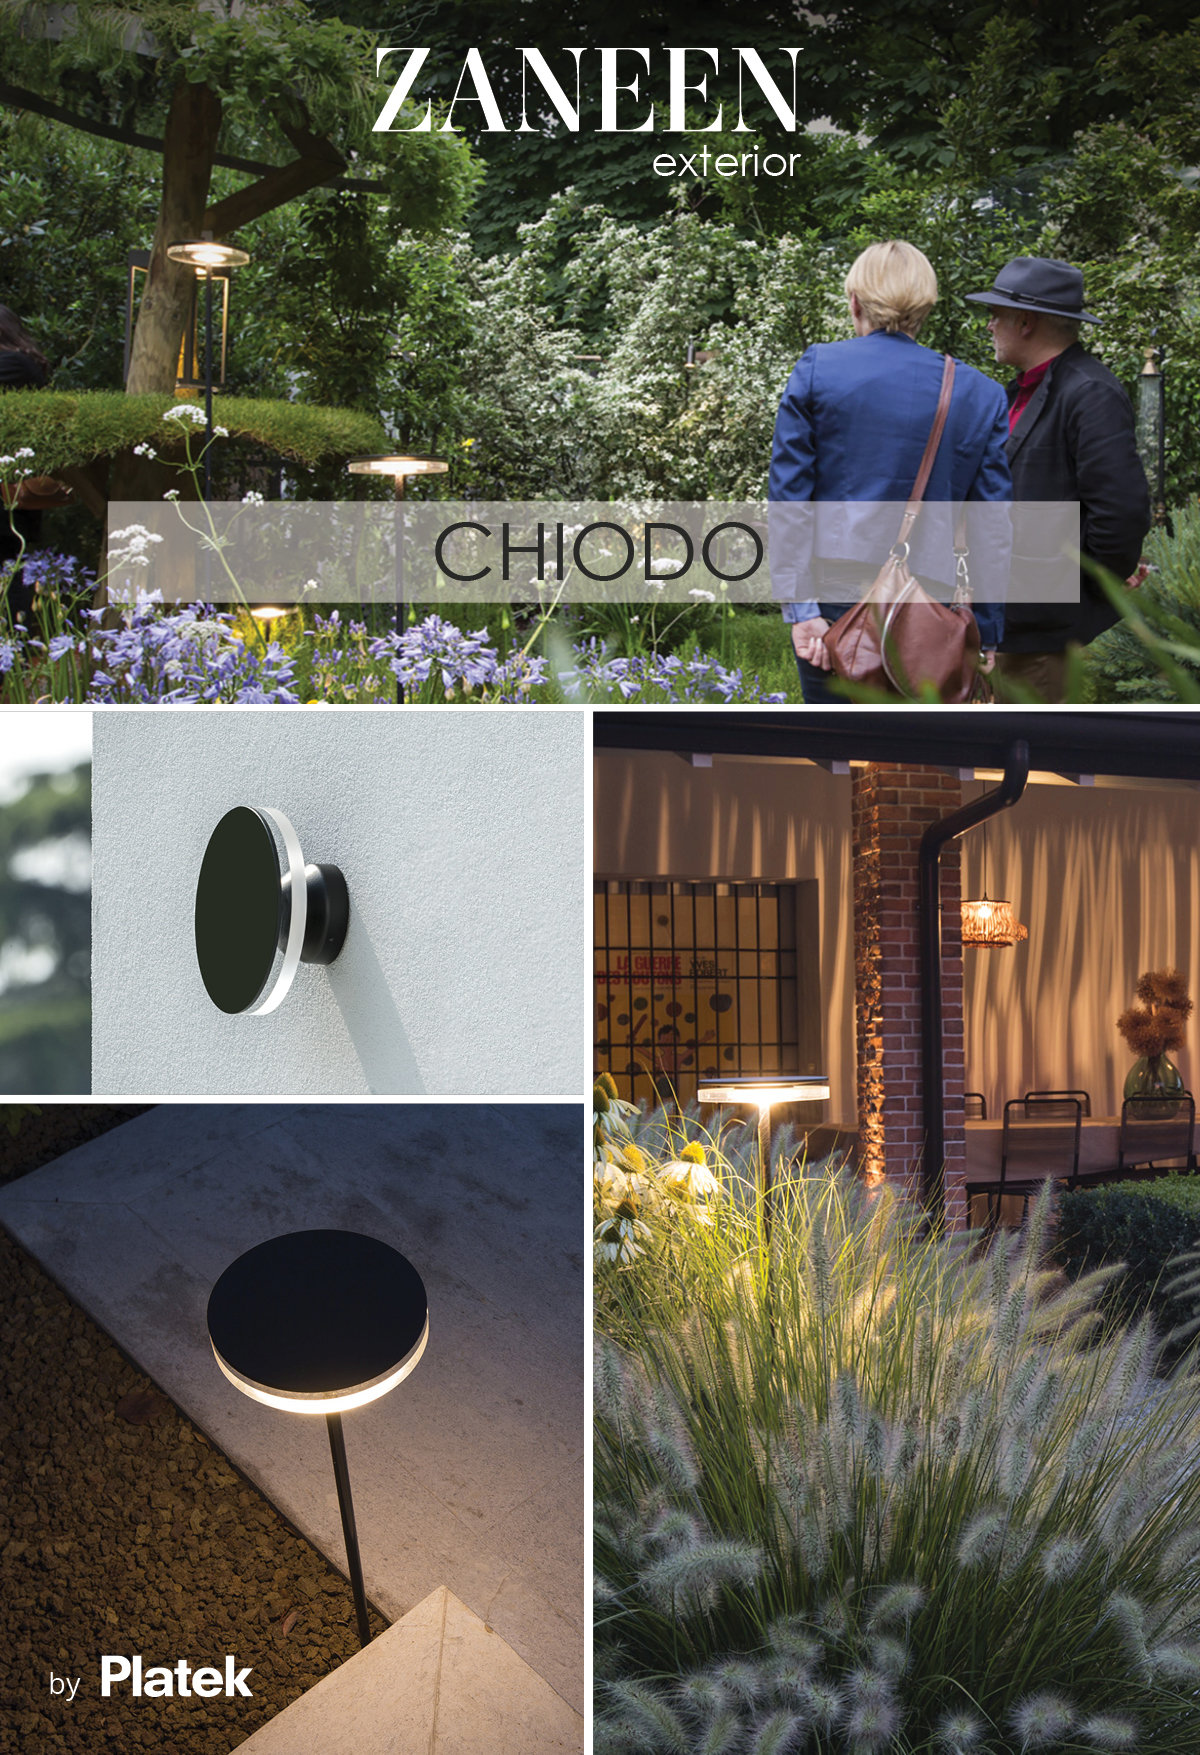 June 21, 2019 CHIODO